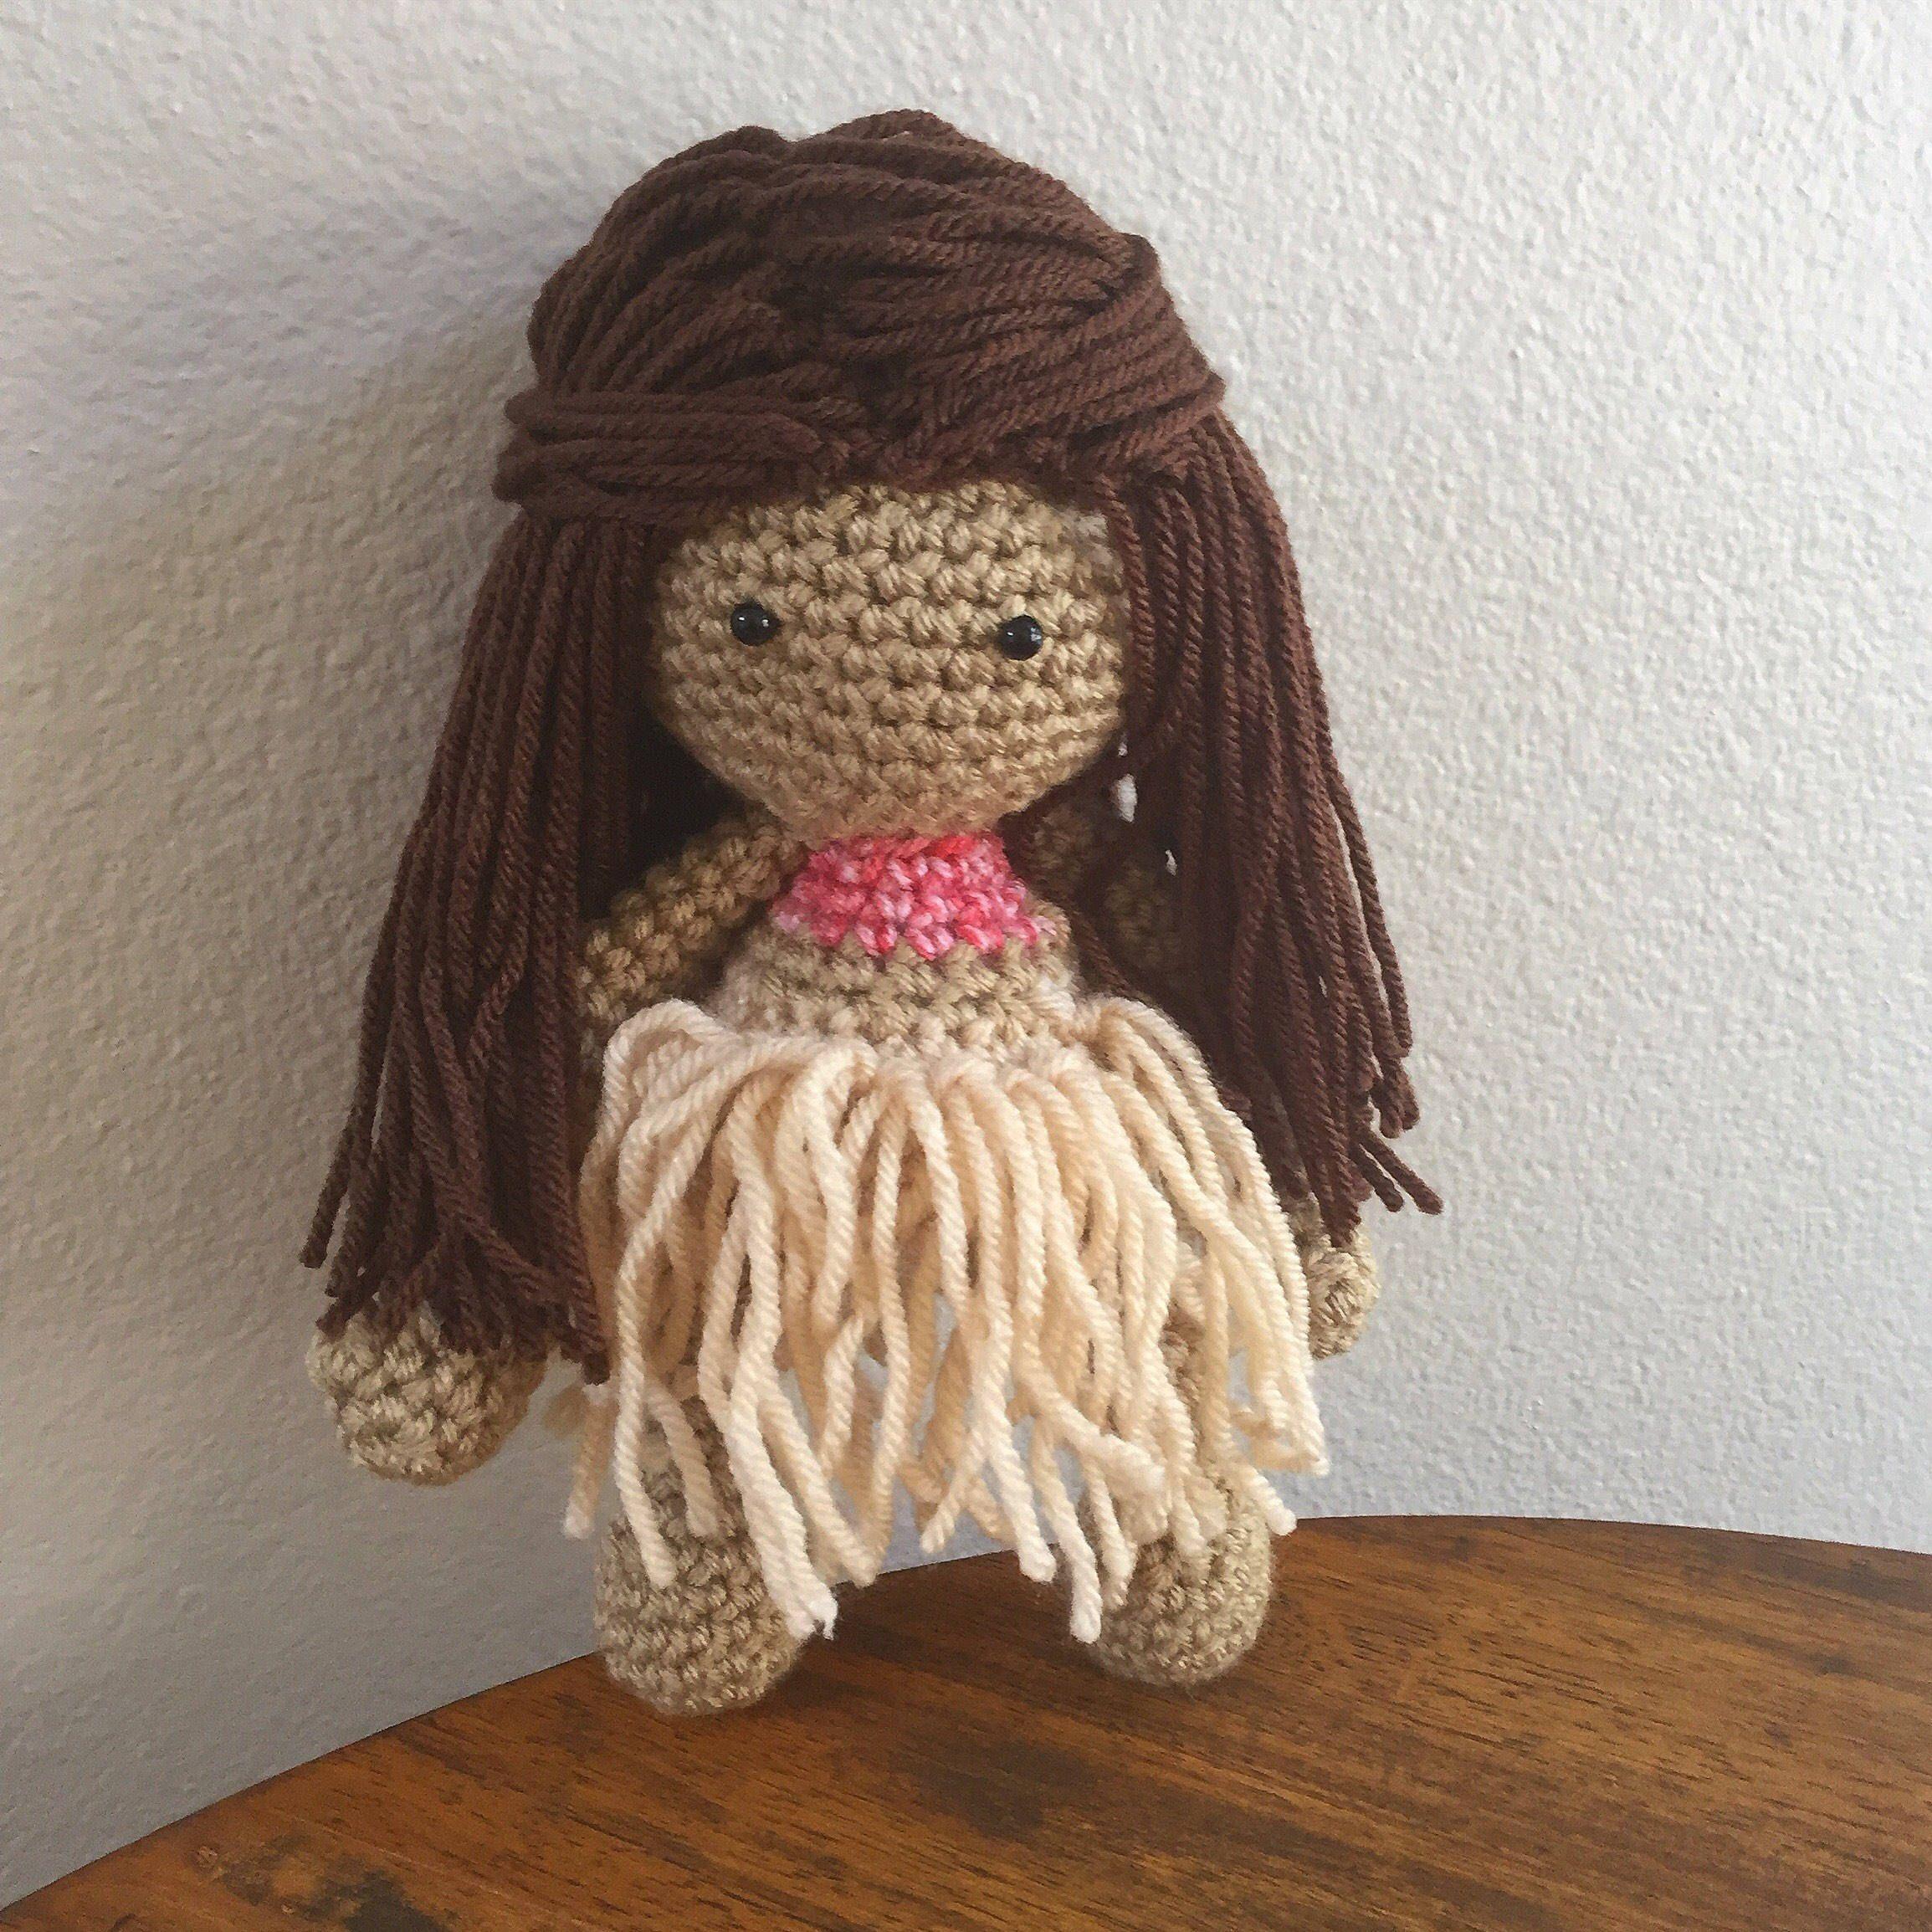 Sleeping Beauty Aurora Inspired Doll// Princess Plush Doll// Stuffed Toy Doll// Soft Toy Doll// Amigurumi Doll